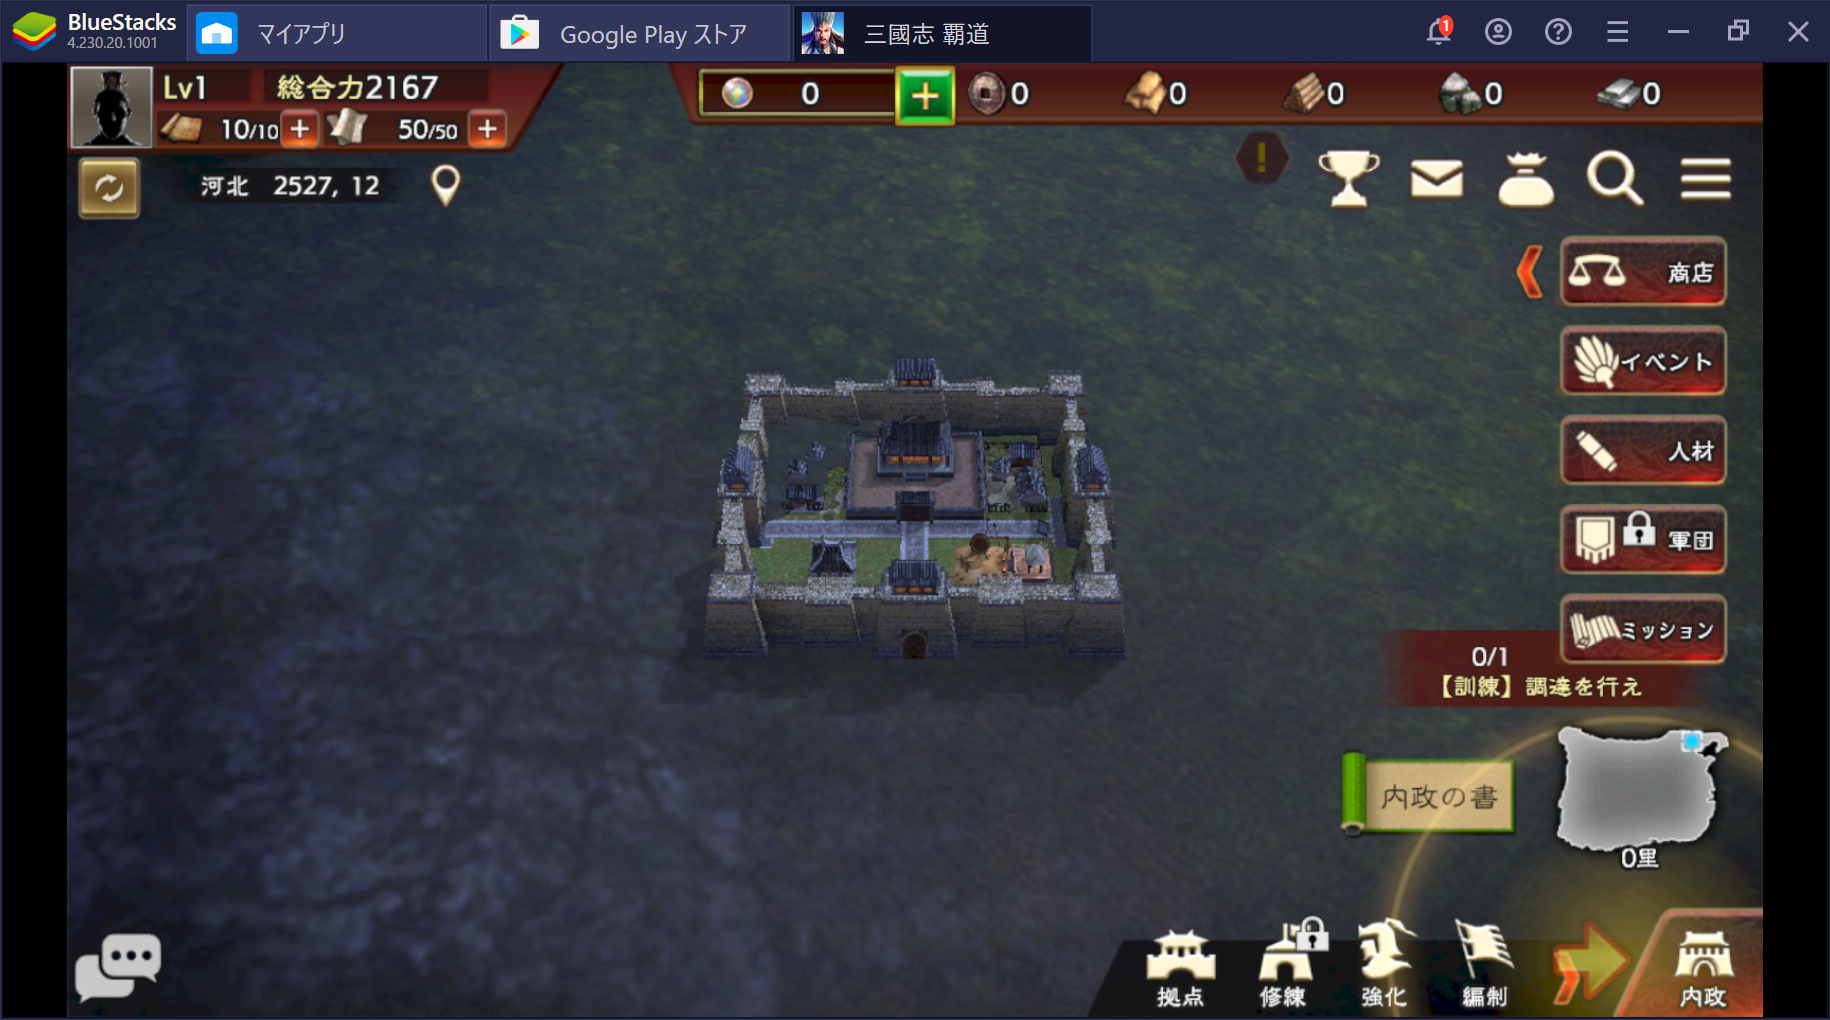 BlueStacksを使ってPCで『三国志 覇道』を遊ぼう